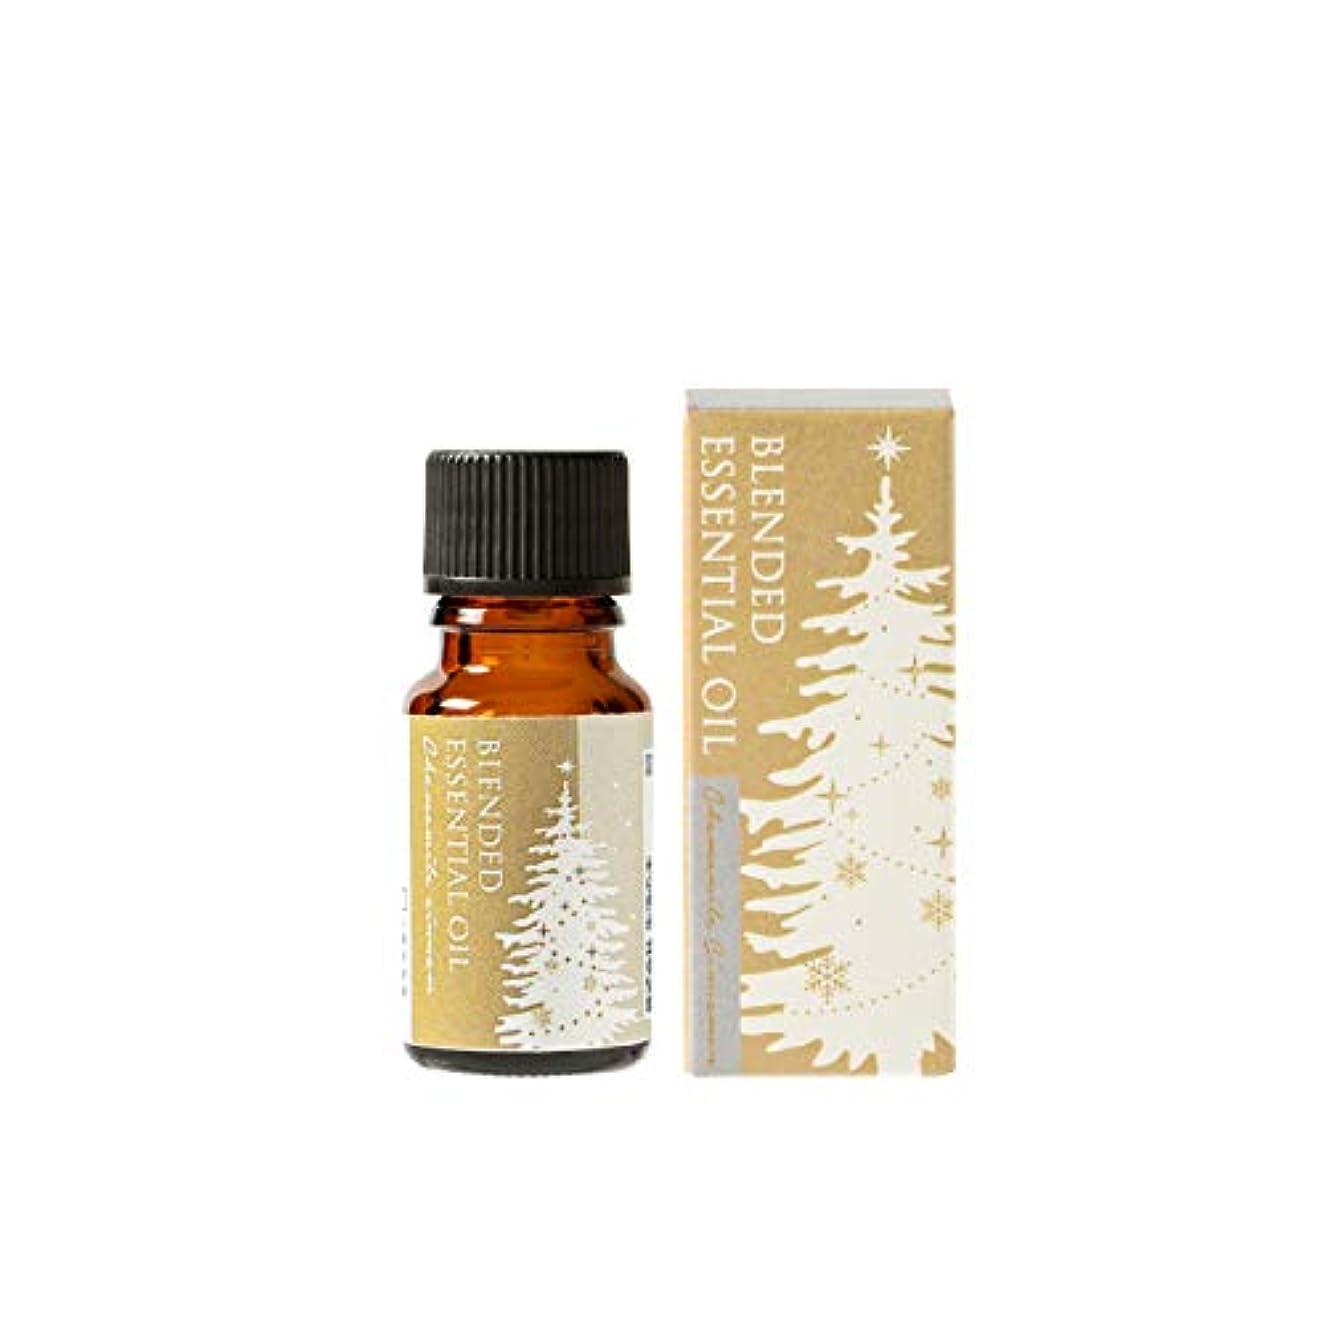 うんマイク疑い生活の木 ブレンド精油 カモマイルシナモン 10ml